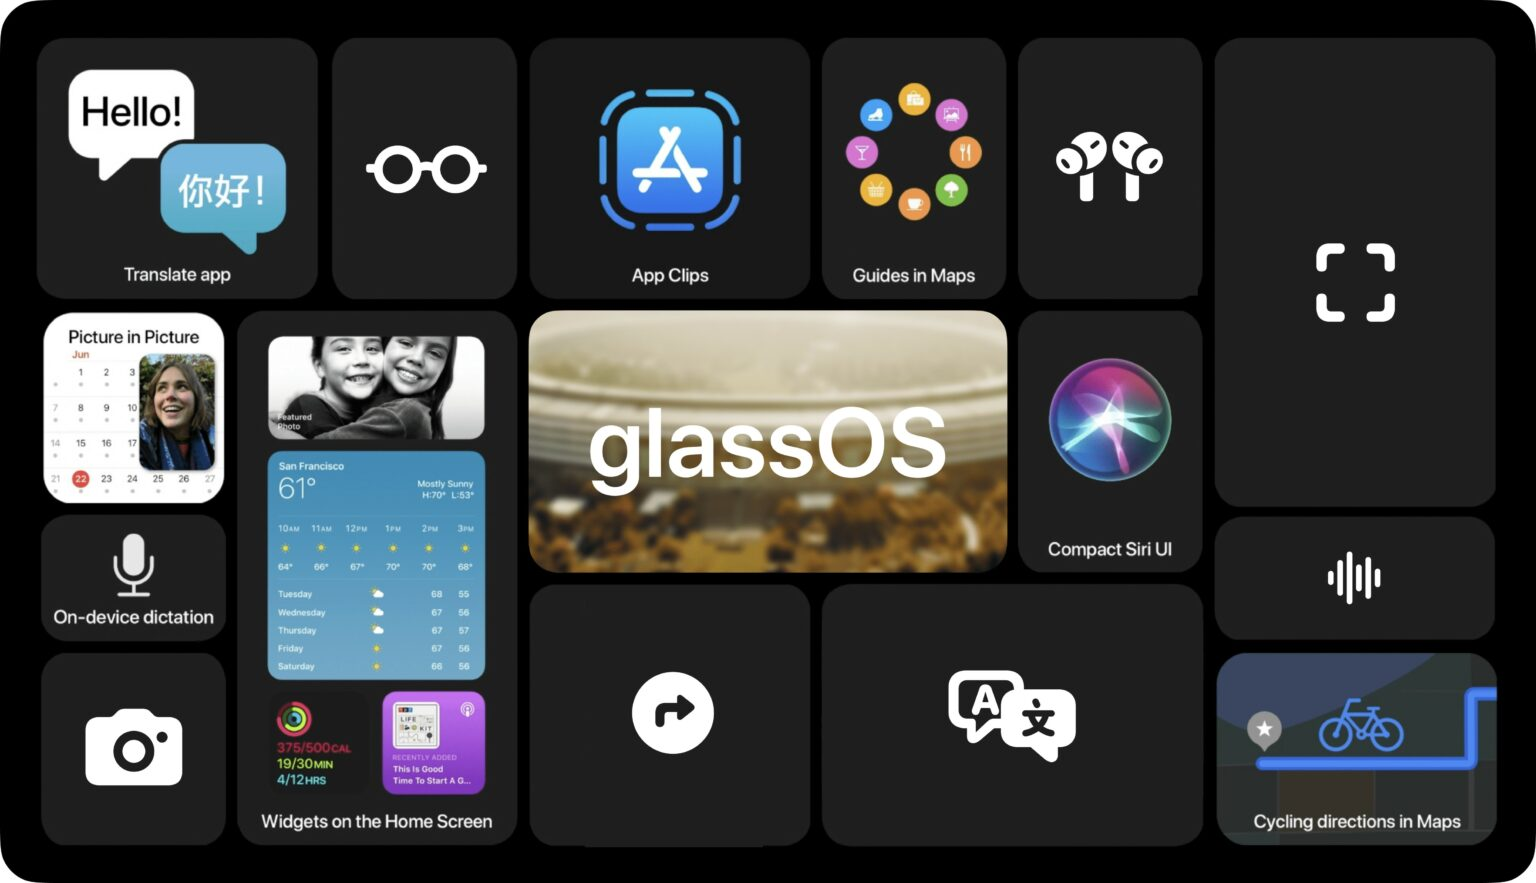 glassOS concept 3